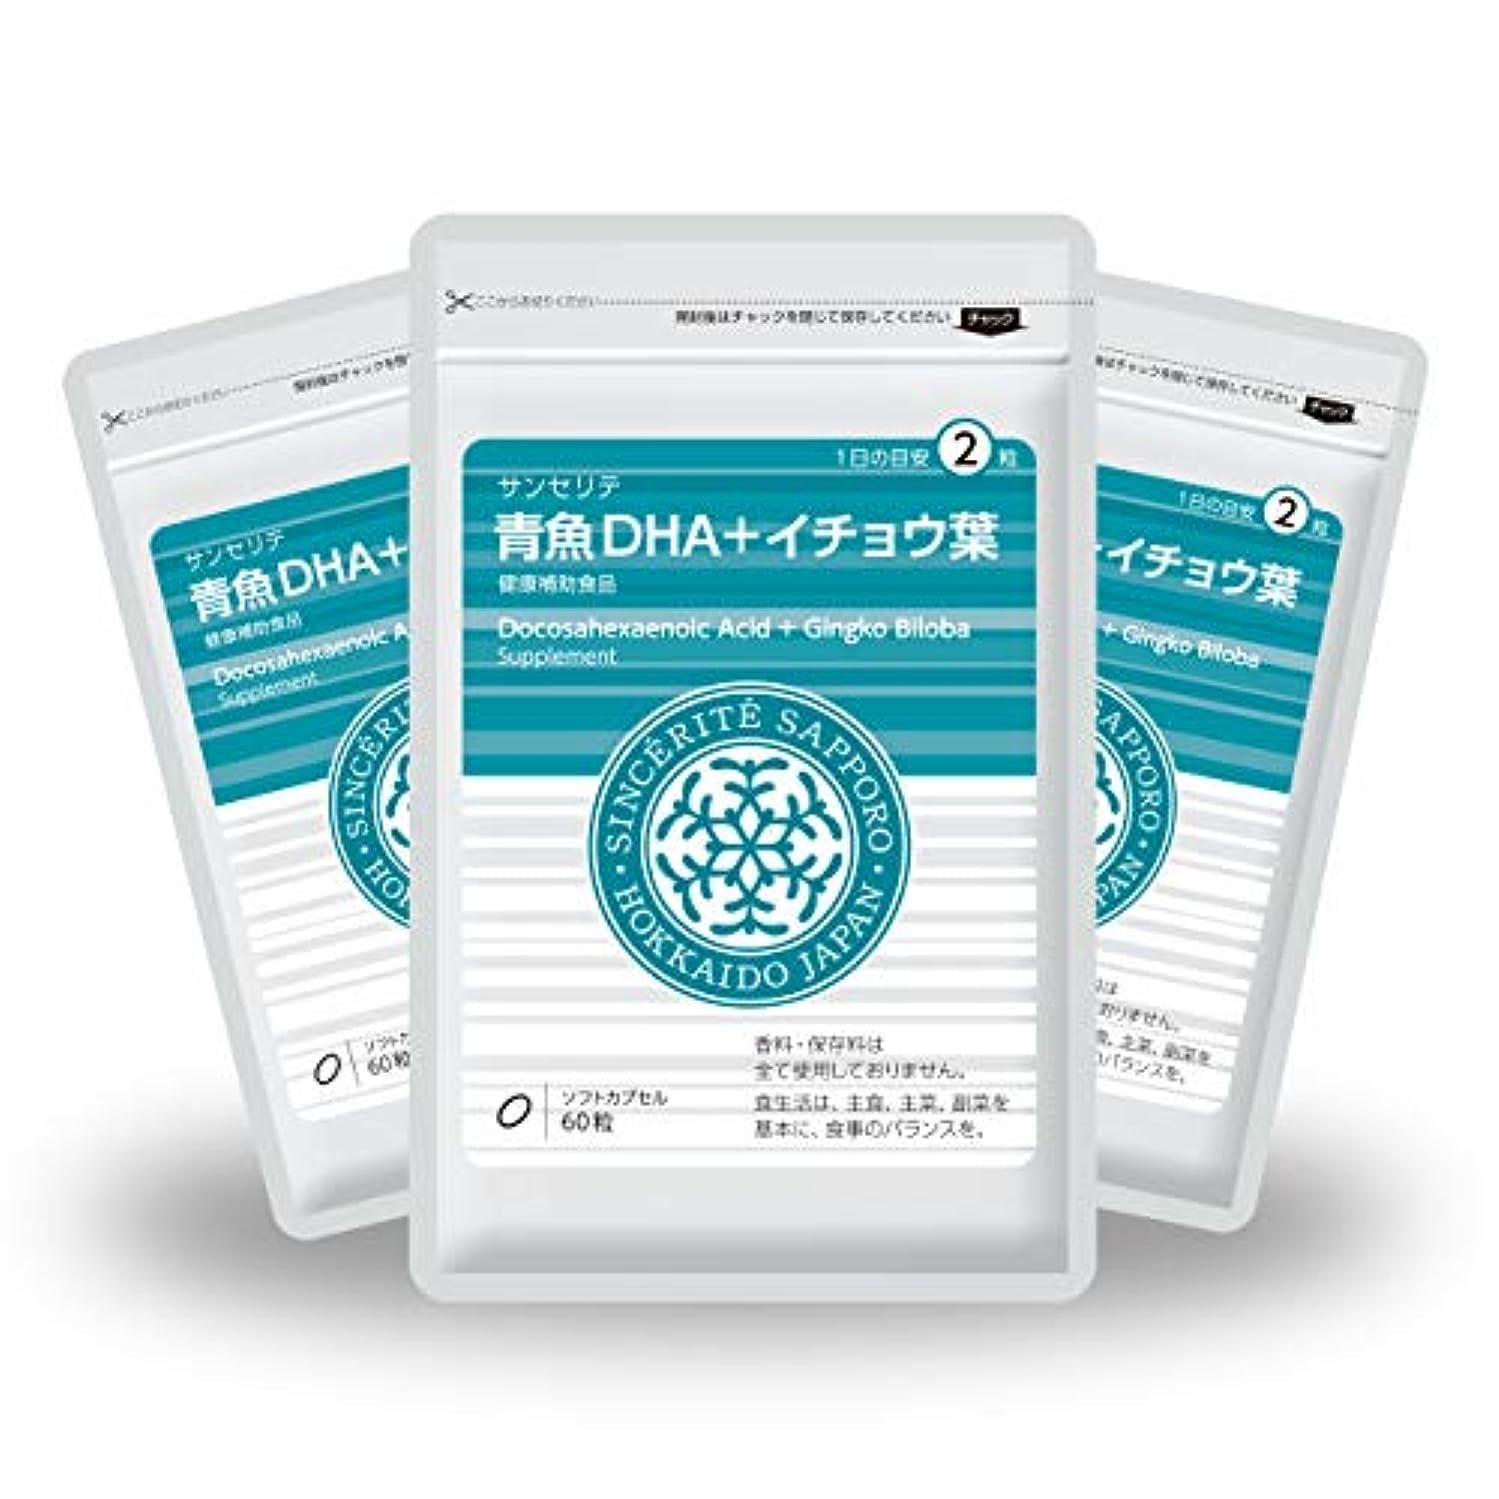 反論時期尚早落ち着く青魚DHA+イチョウ葉 3袋セット[送料無料][DHA]101mg配合[国内製造]お得な90日分